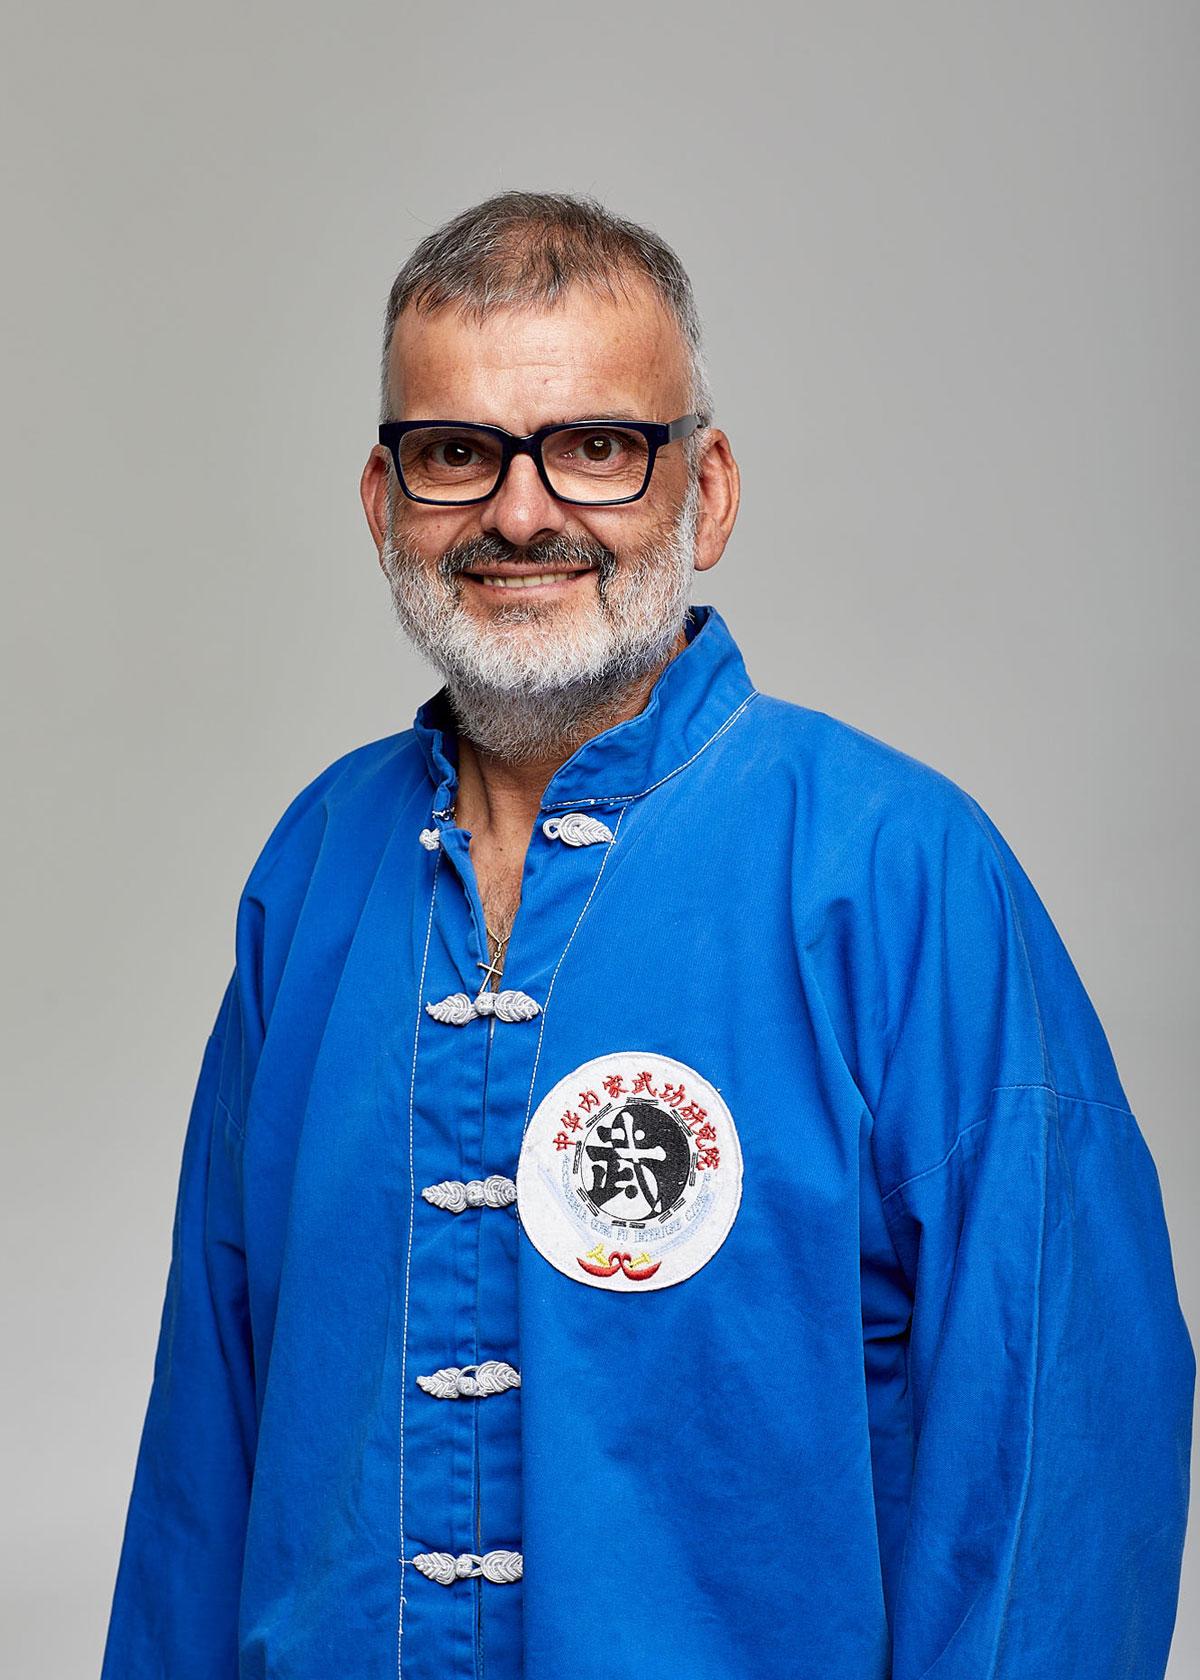 Ruggero Molon